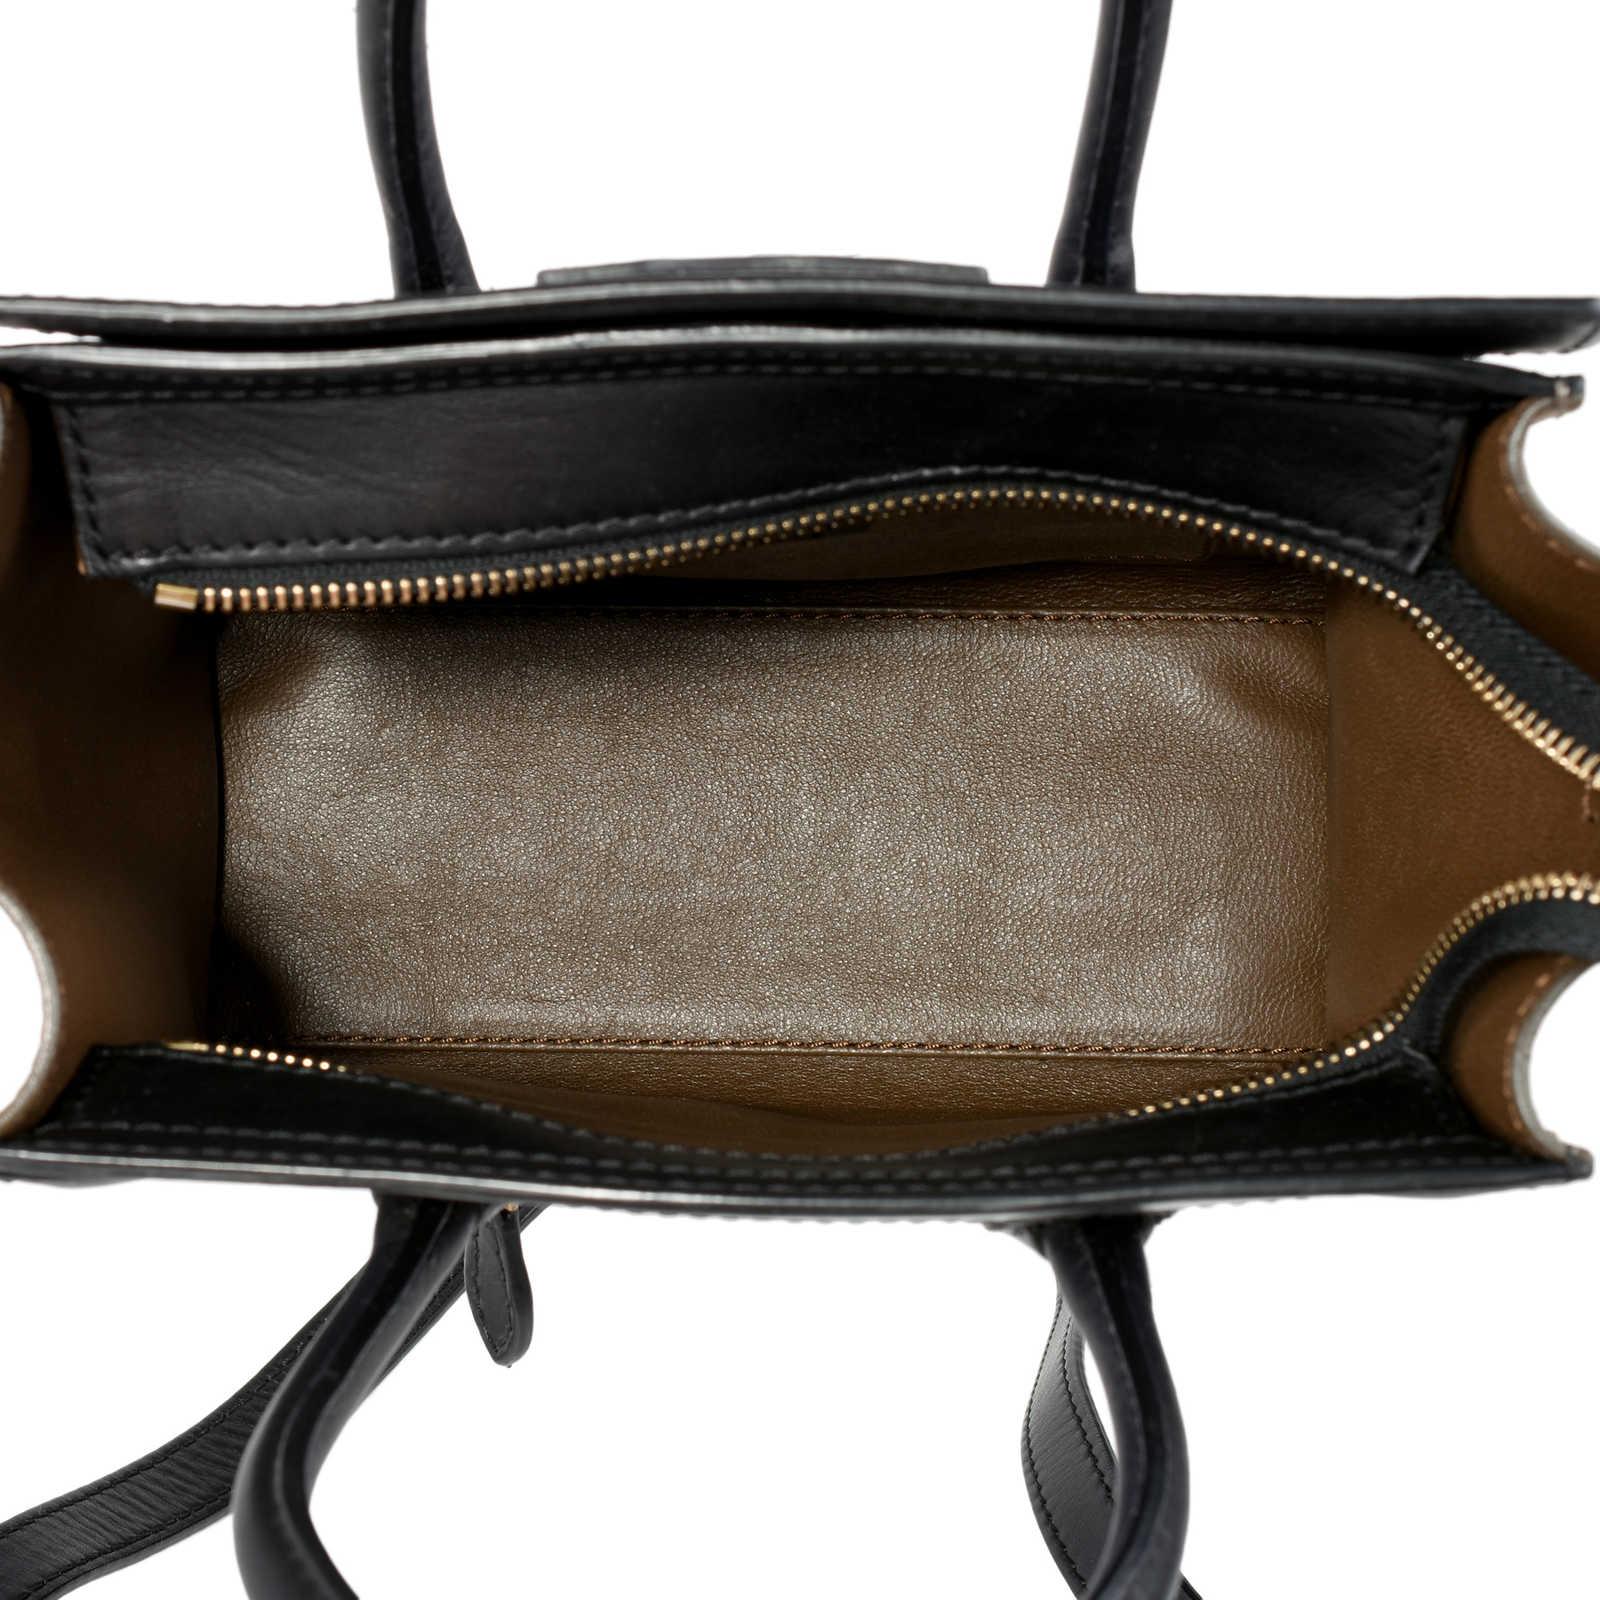 ... Authentic Second Hand Céline Nano Tricolour Luggage Tote  (PSS-470-00006) ... d24b2296d8260